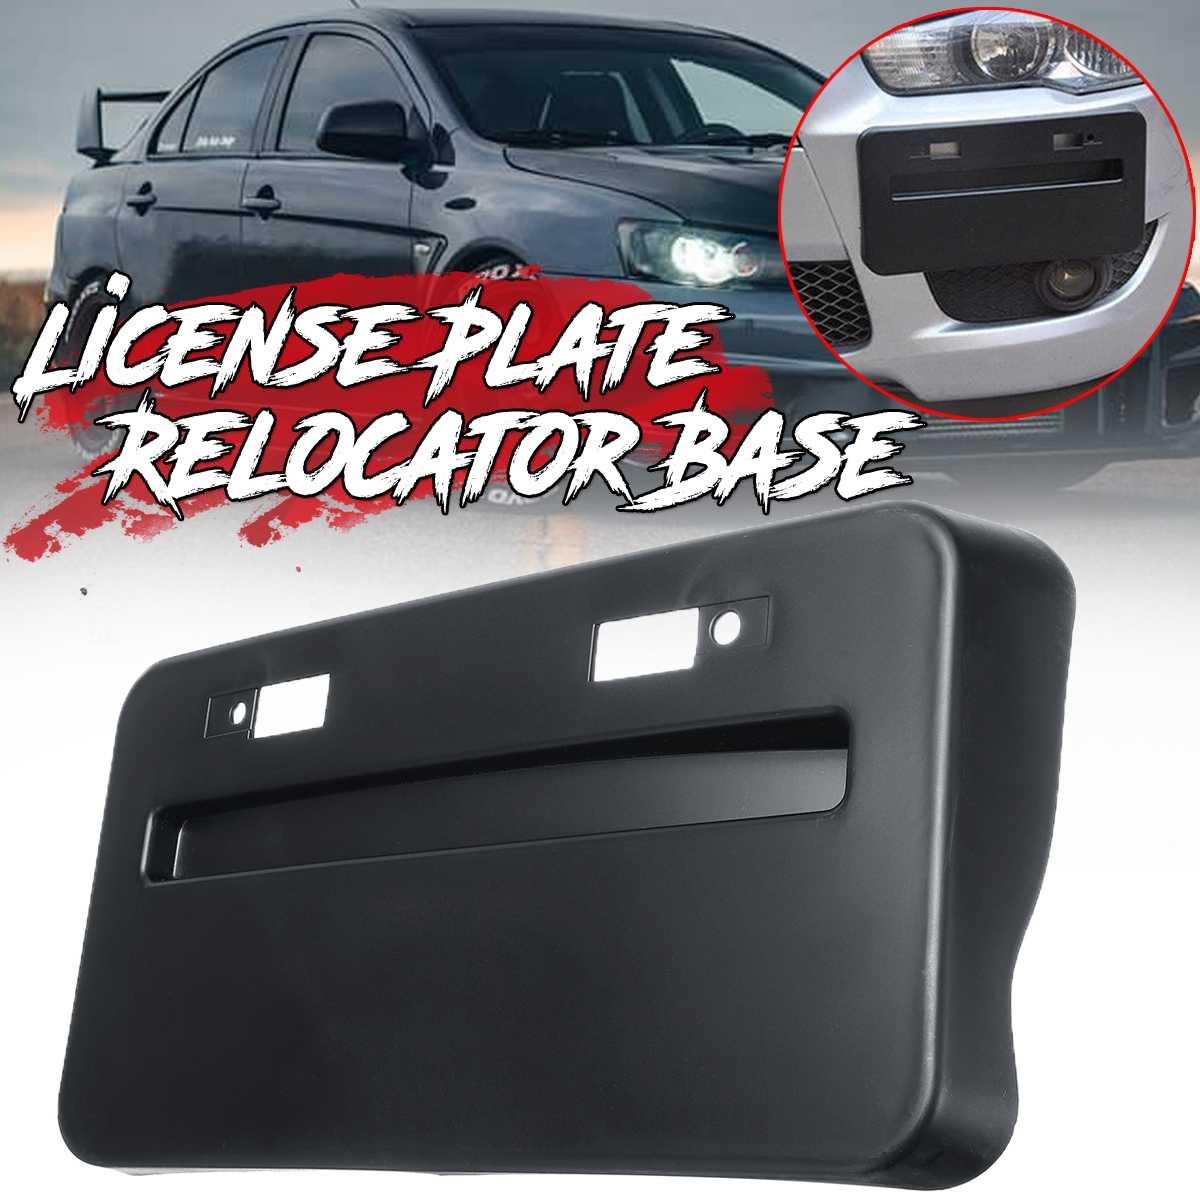 1x รถกันชนหน้าฐานใบอนุญาตกรอบ Relocator สำหรับ Mitsubishi Lancer GTS EVO X 2008-2018 ใบอนุญาตแผ่นวงเล็บ